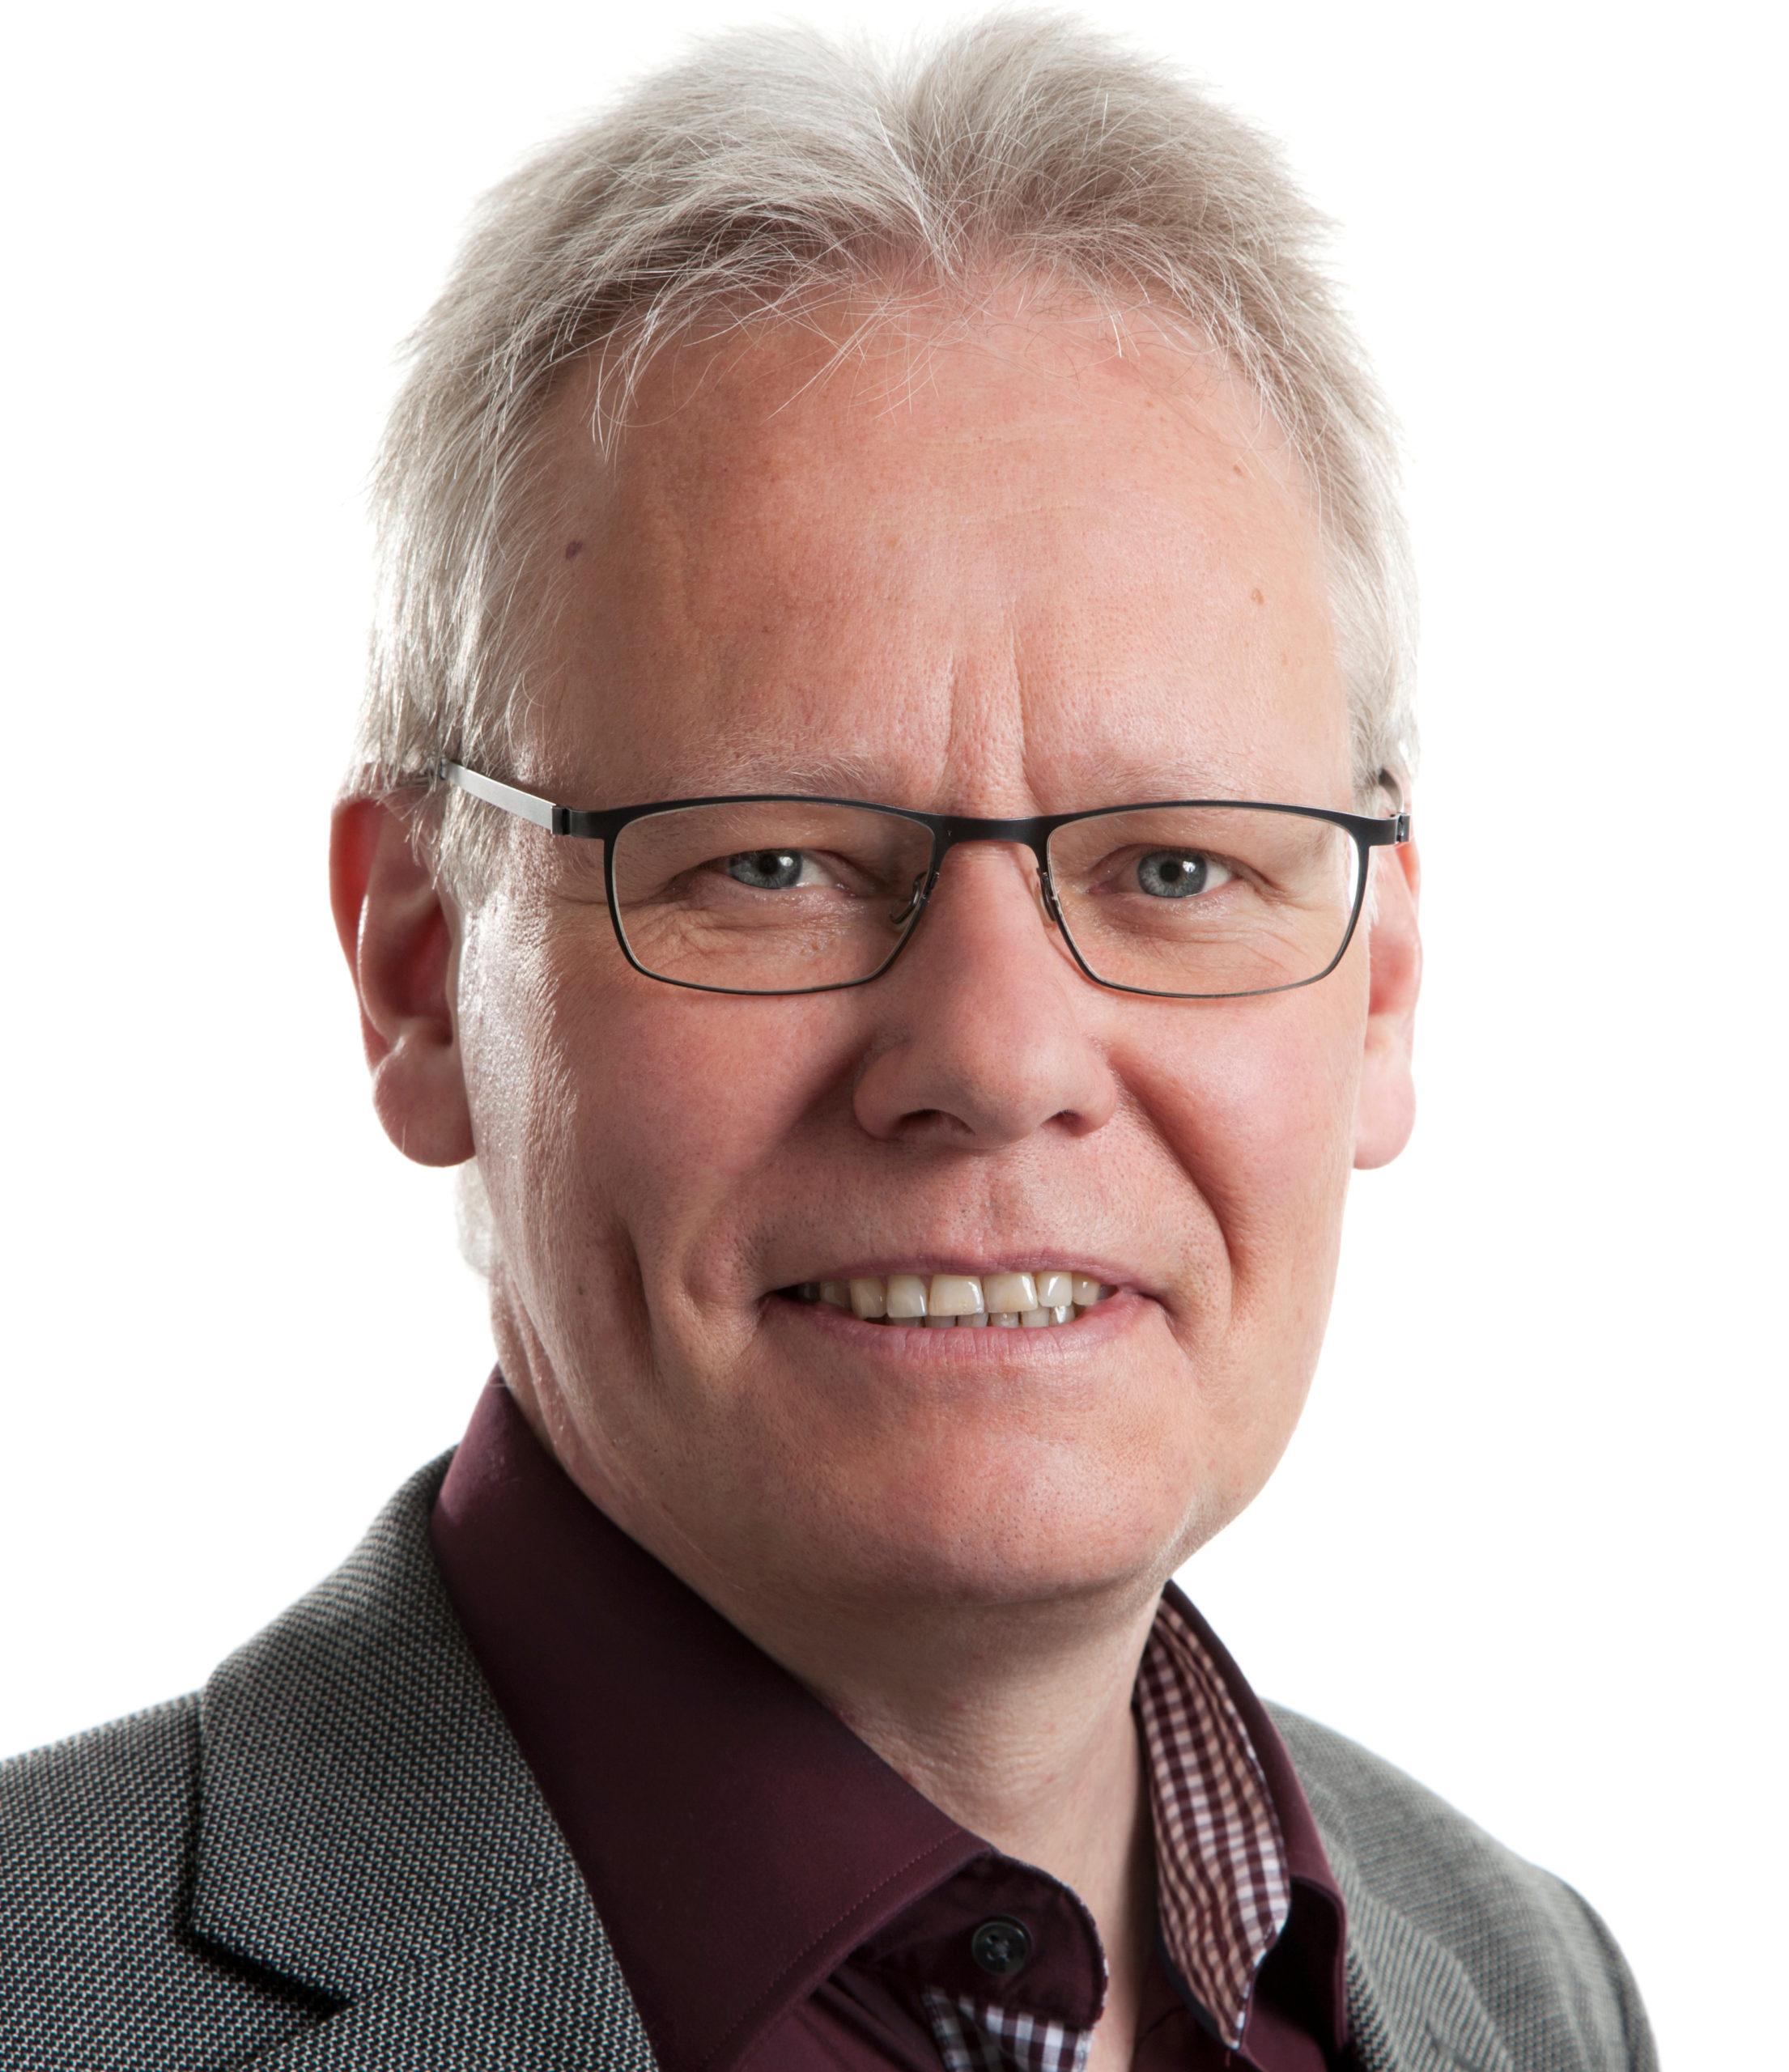 Portrait of Christoph Görg